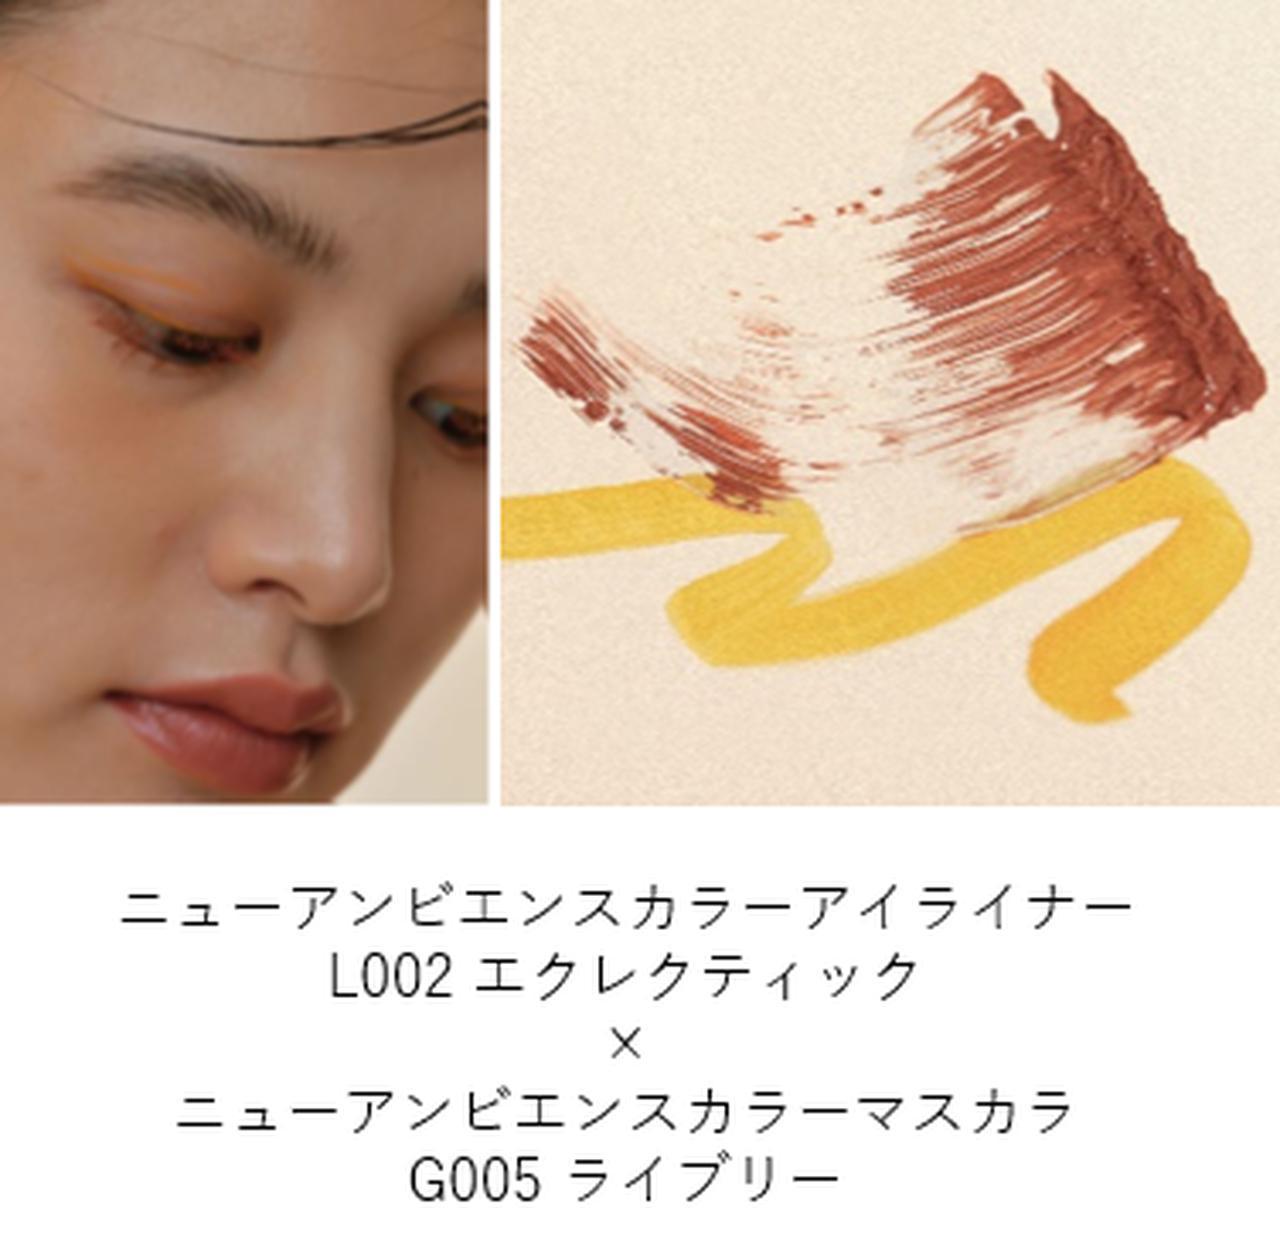 画像2: メイクアップブランド「hince」から、夏の目元を彩るカラーアイライナー&マスカラが登場!